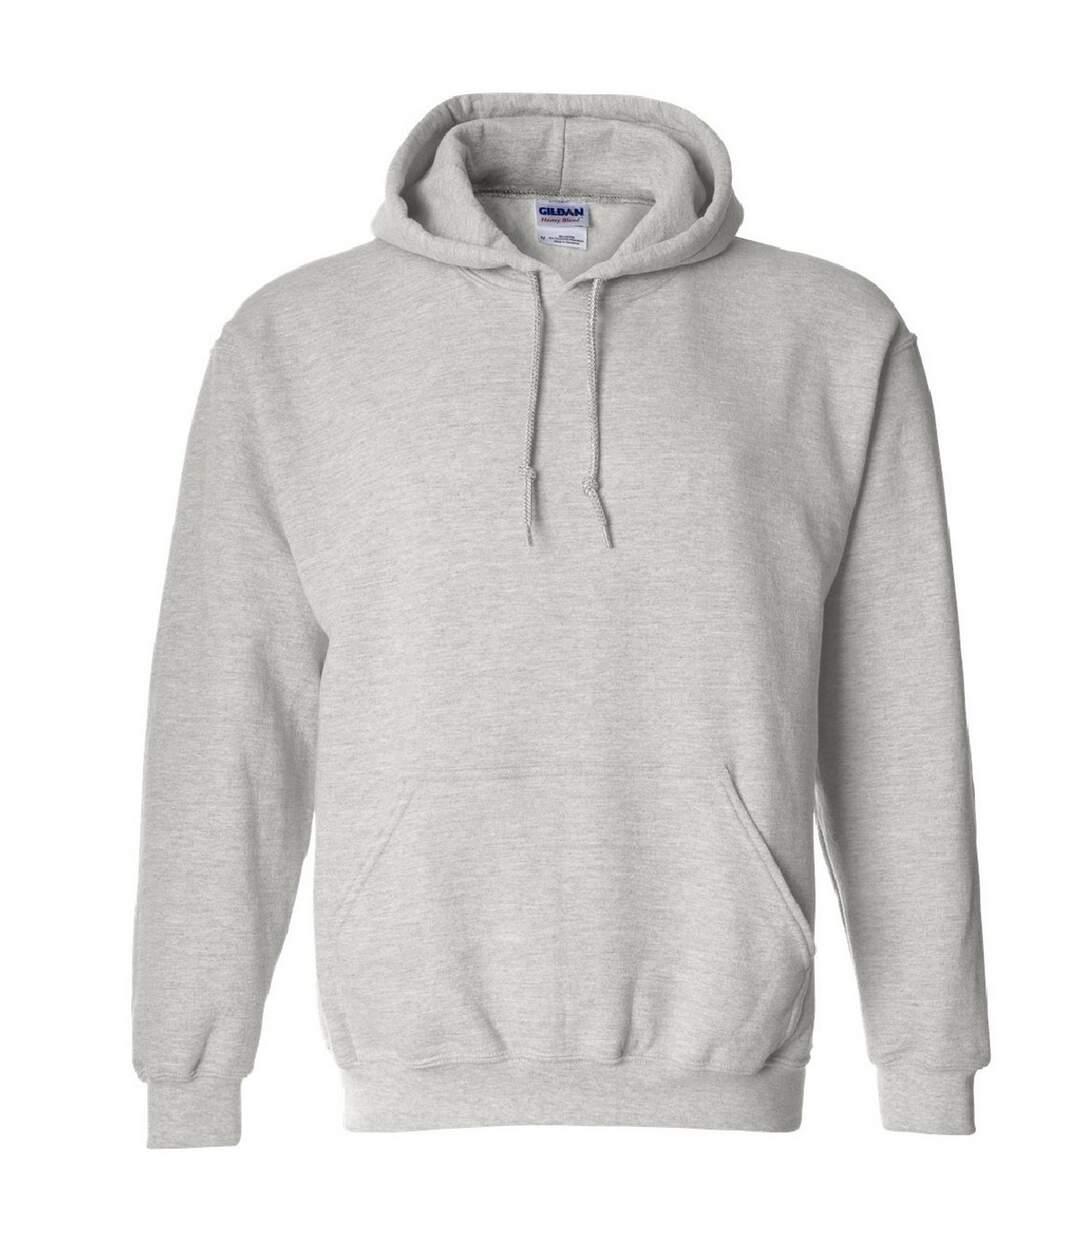 Gildan Heavy Blend Adult Unisex Hooded Sweatshirt / Hoodie (Ash) - UTBC468